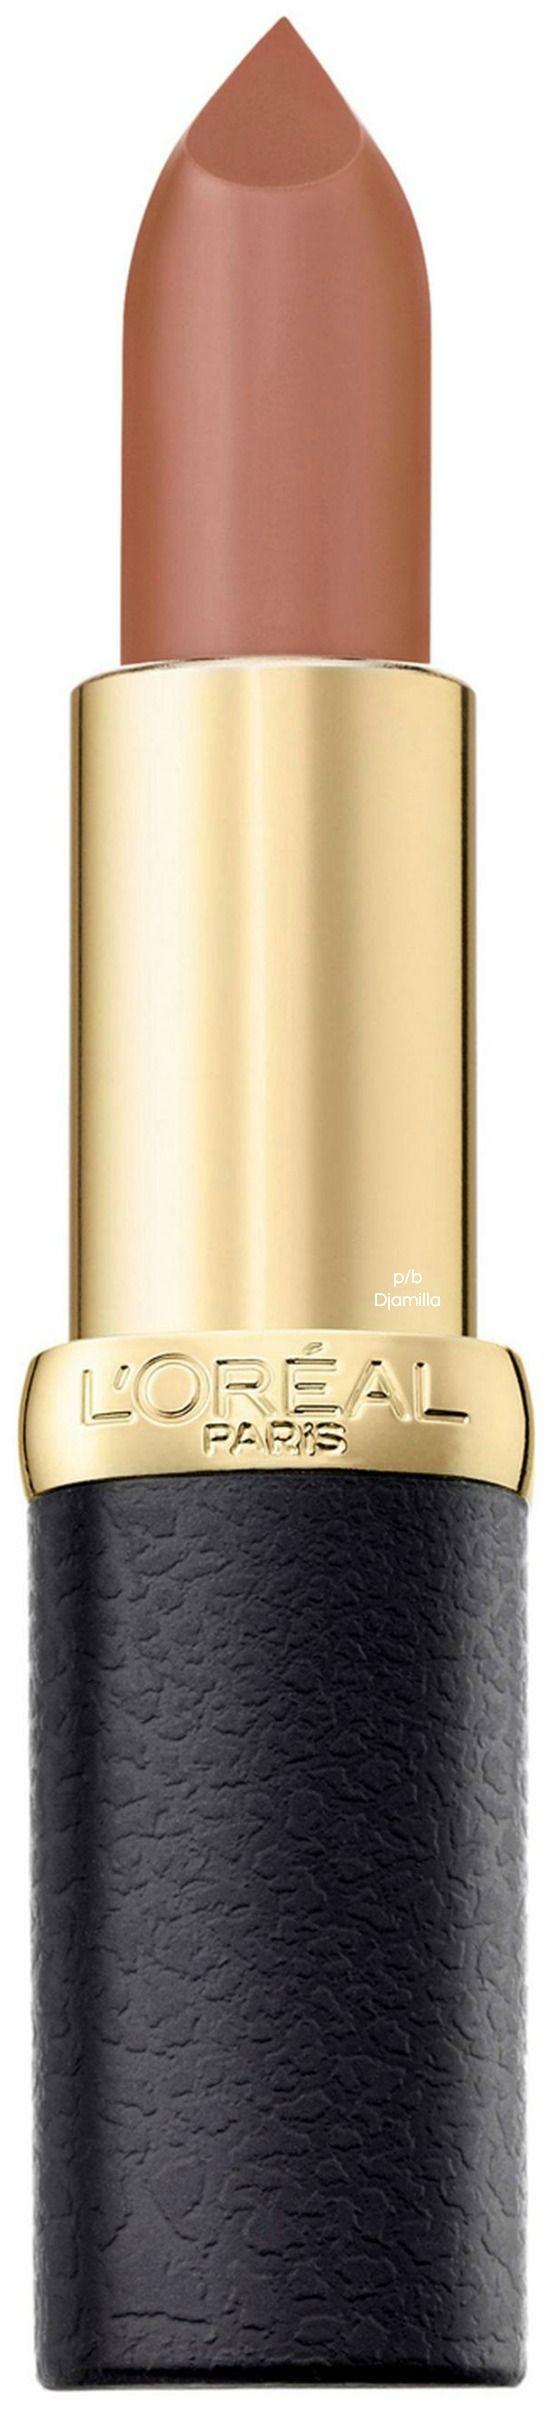 L'Oréal Paris Color Riche Matte - 634 Greige Perfecto